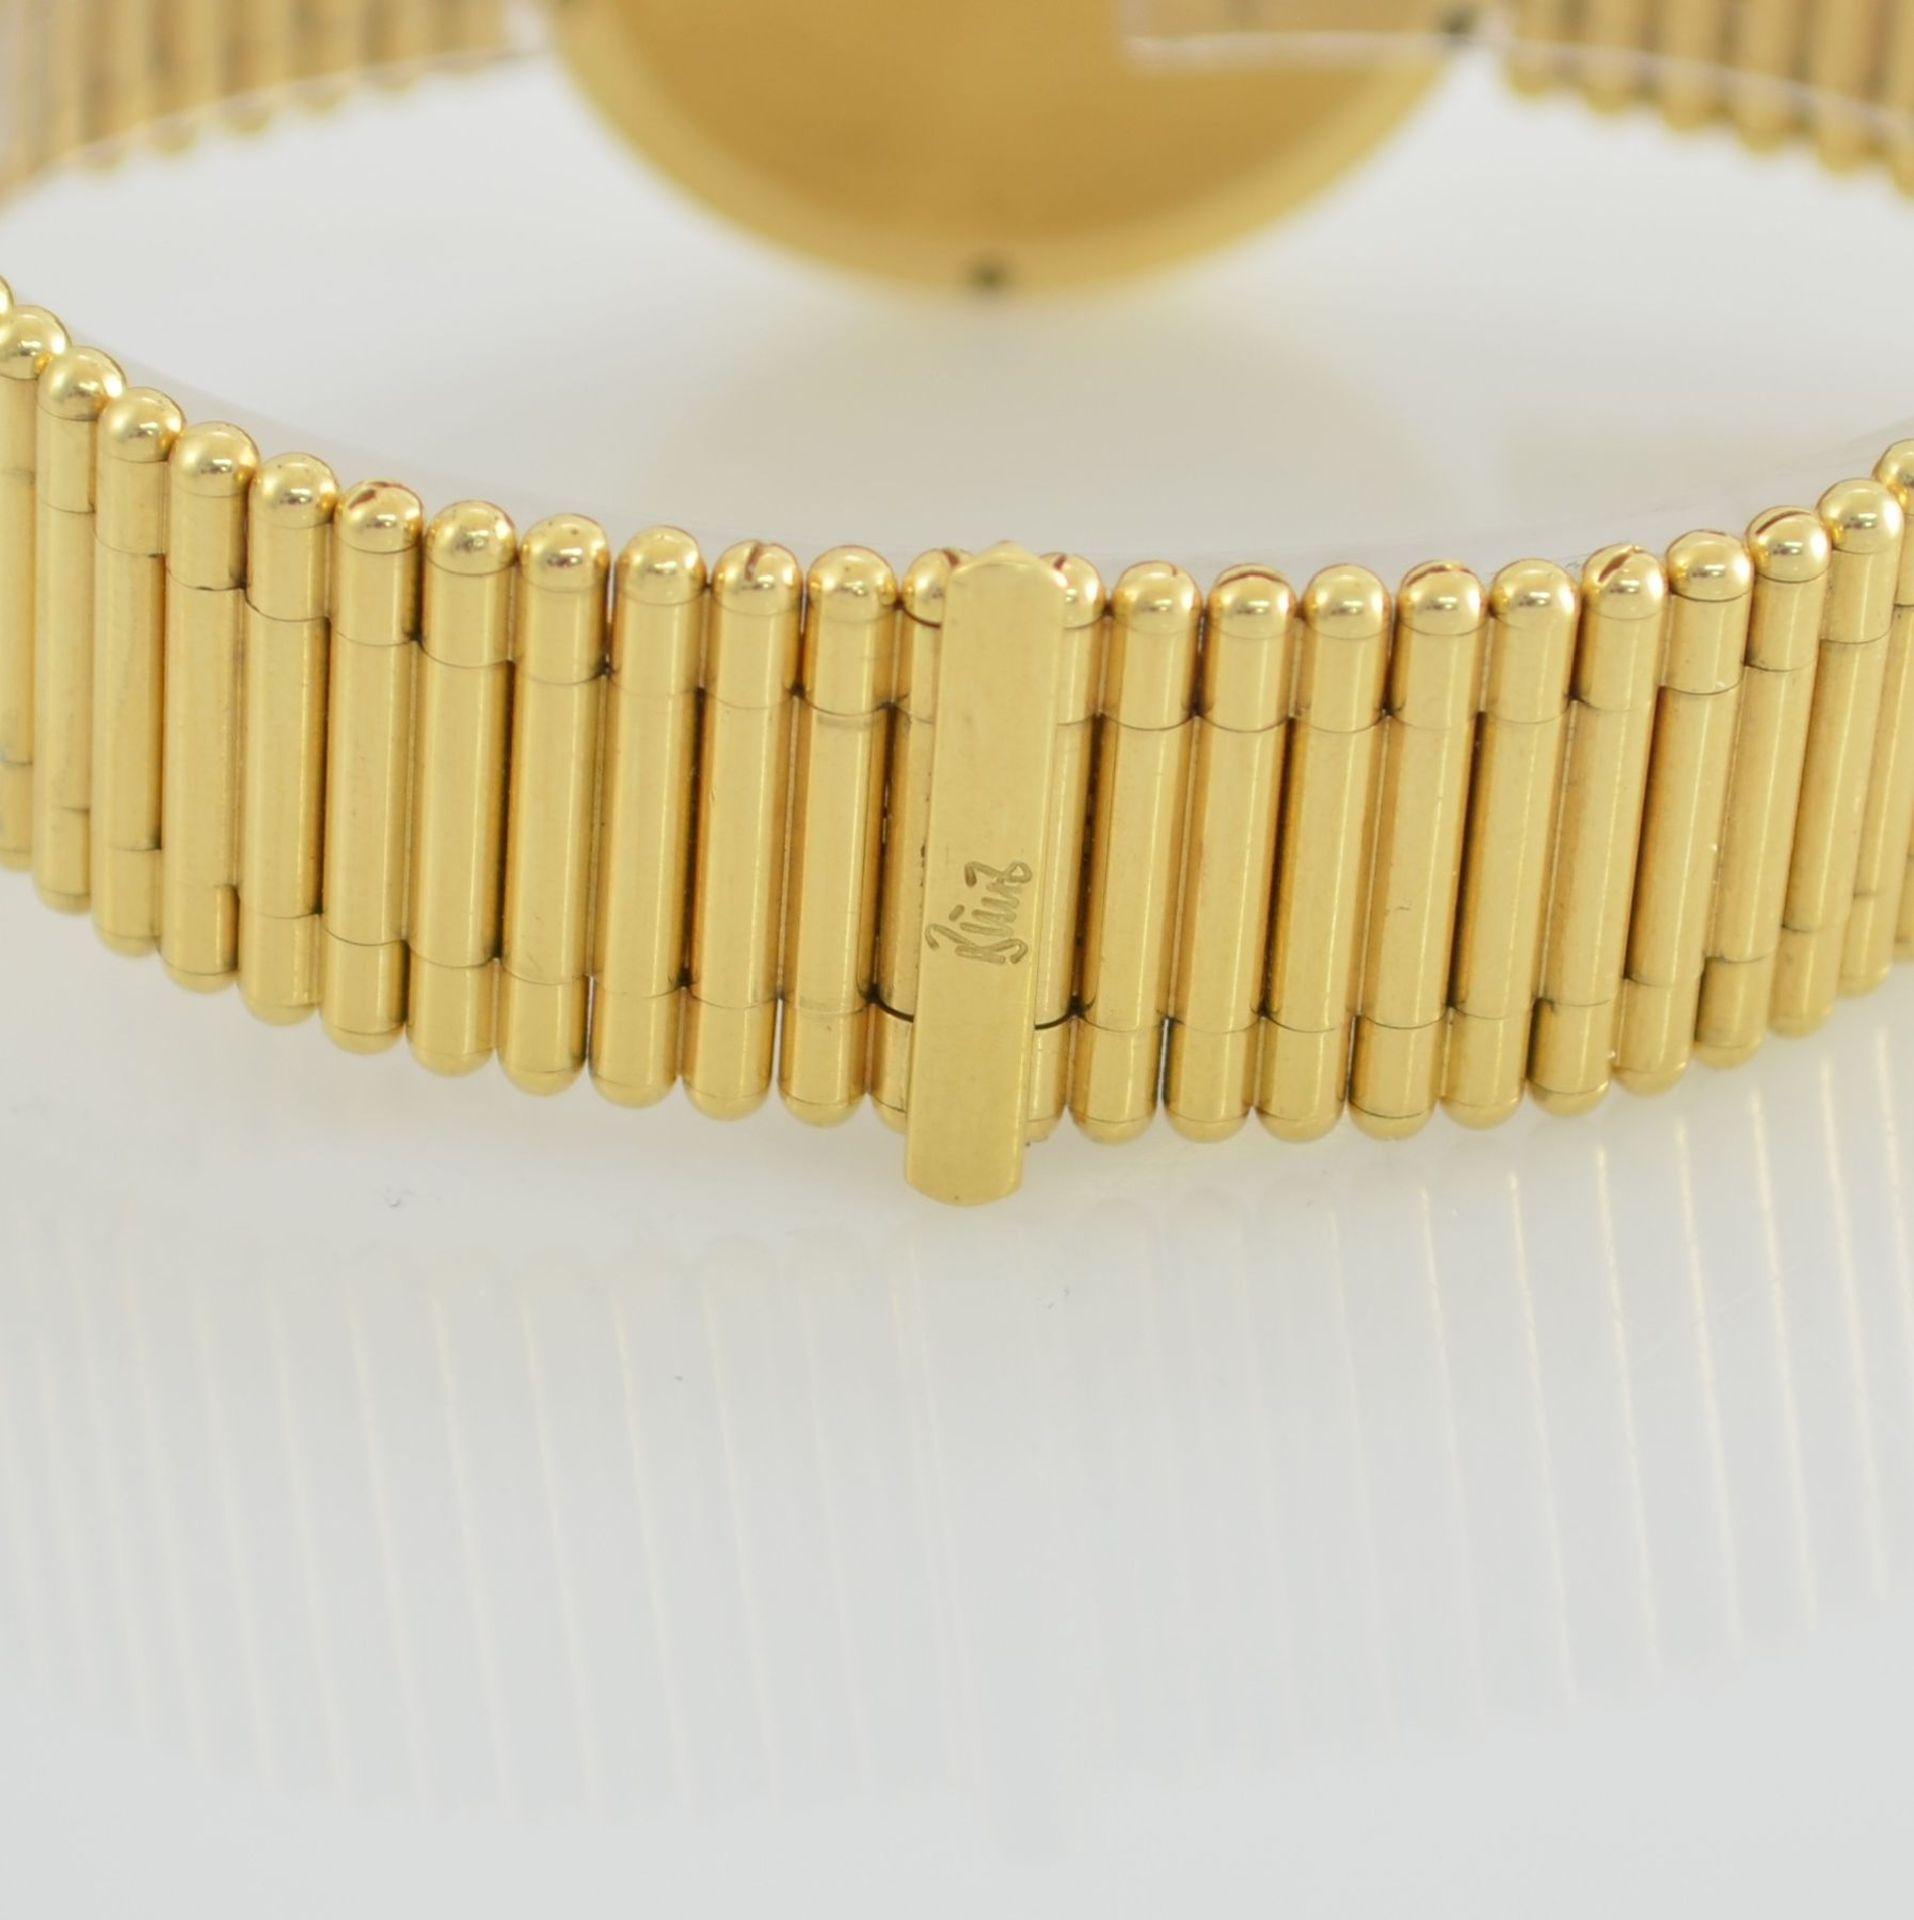 """BUNZ Damenarmbanduhr """"Diamondwatch"""" in GG 750/000, 5-fach verschr. Geh. mit integr. GG 750/000 - Bild 6 aus 9"""